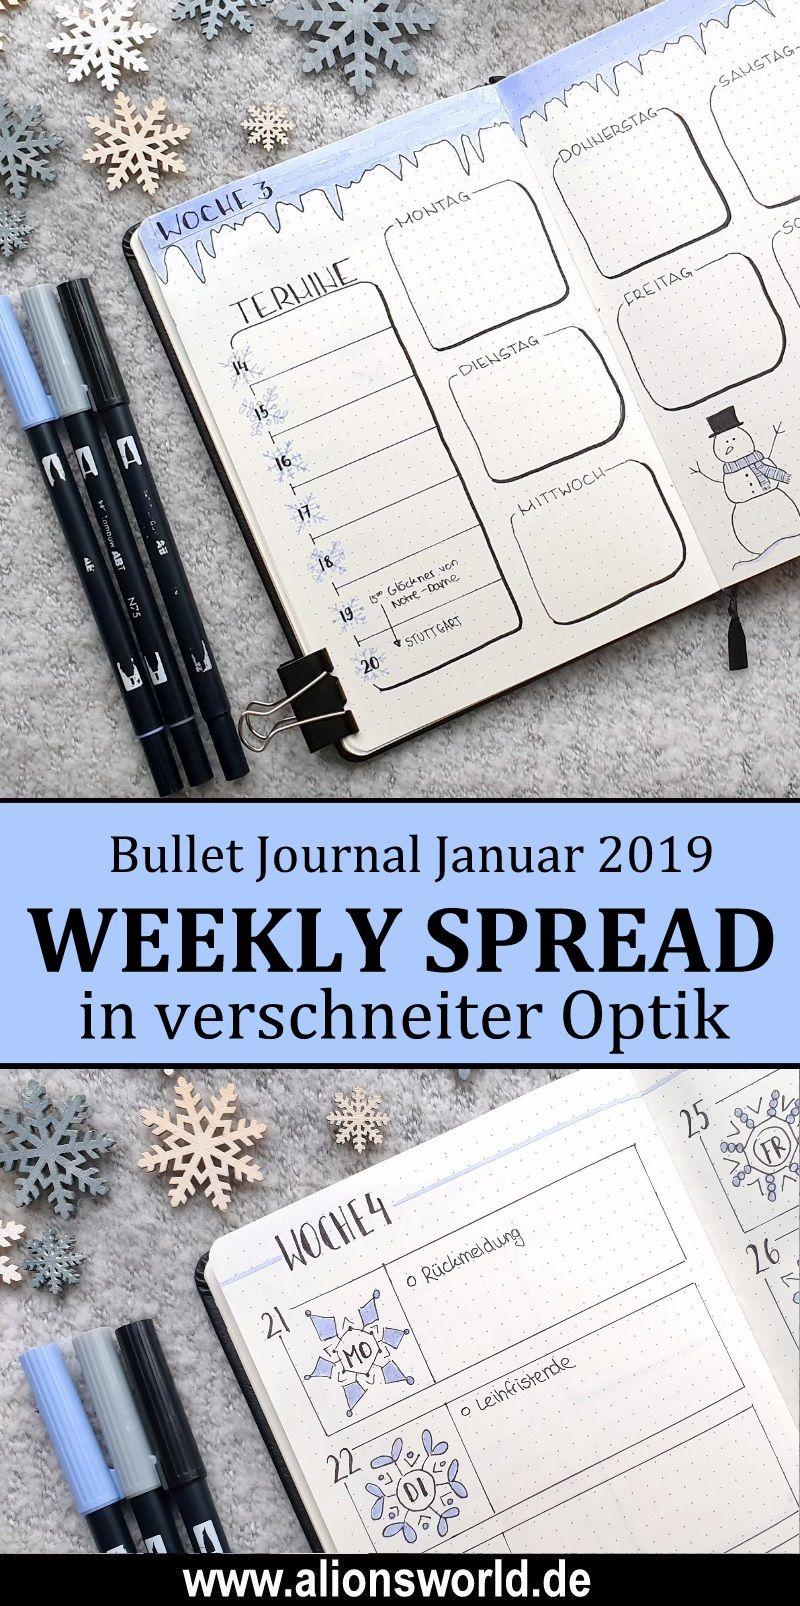 Bullet Journal Januar 2019